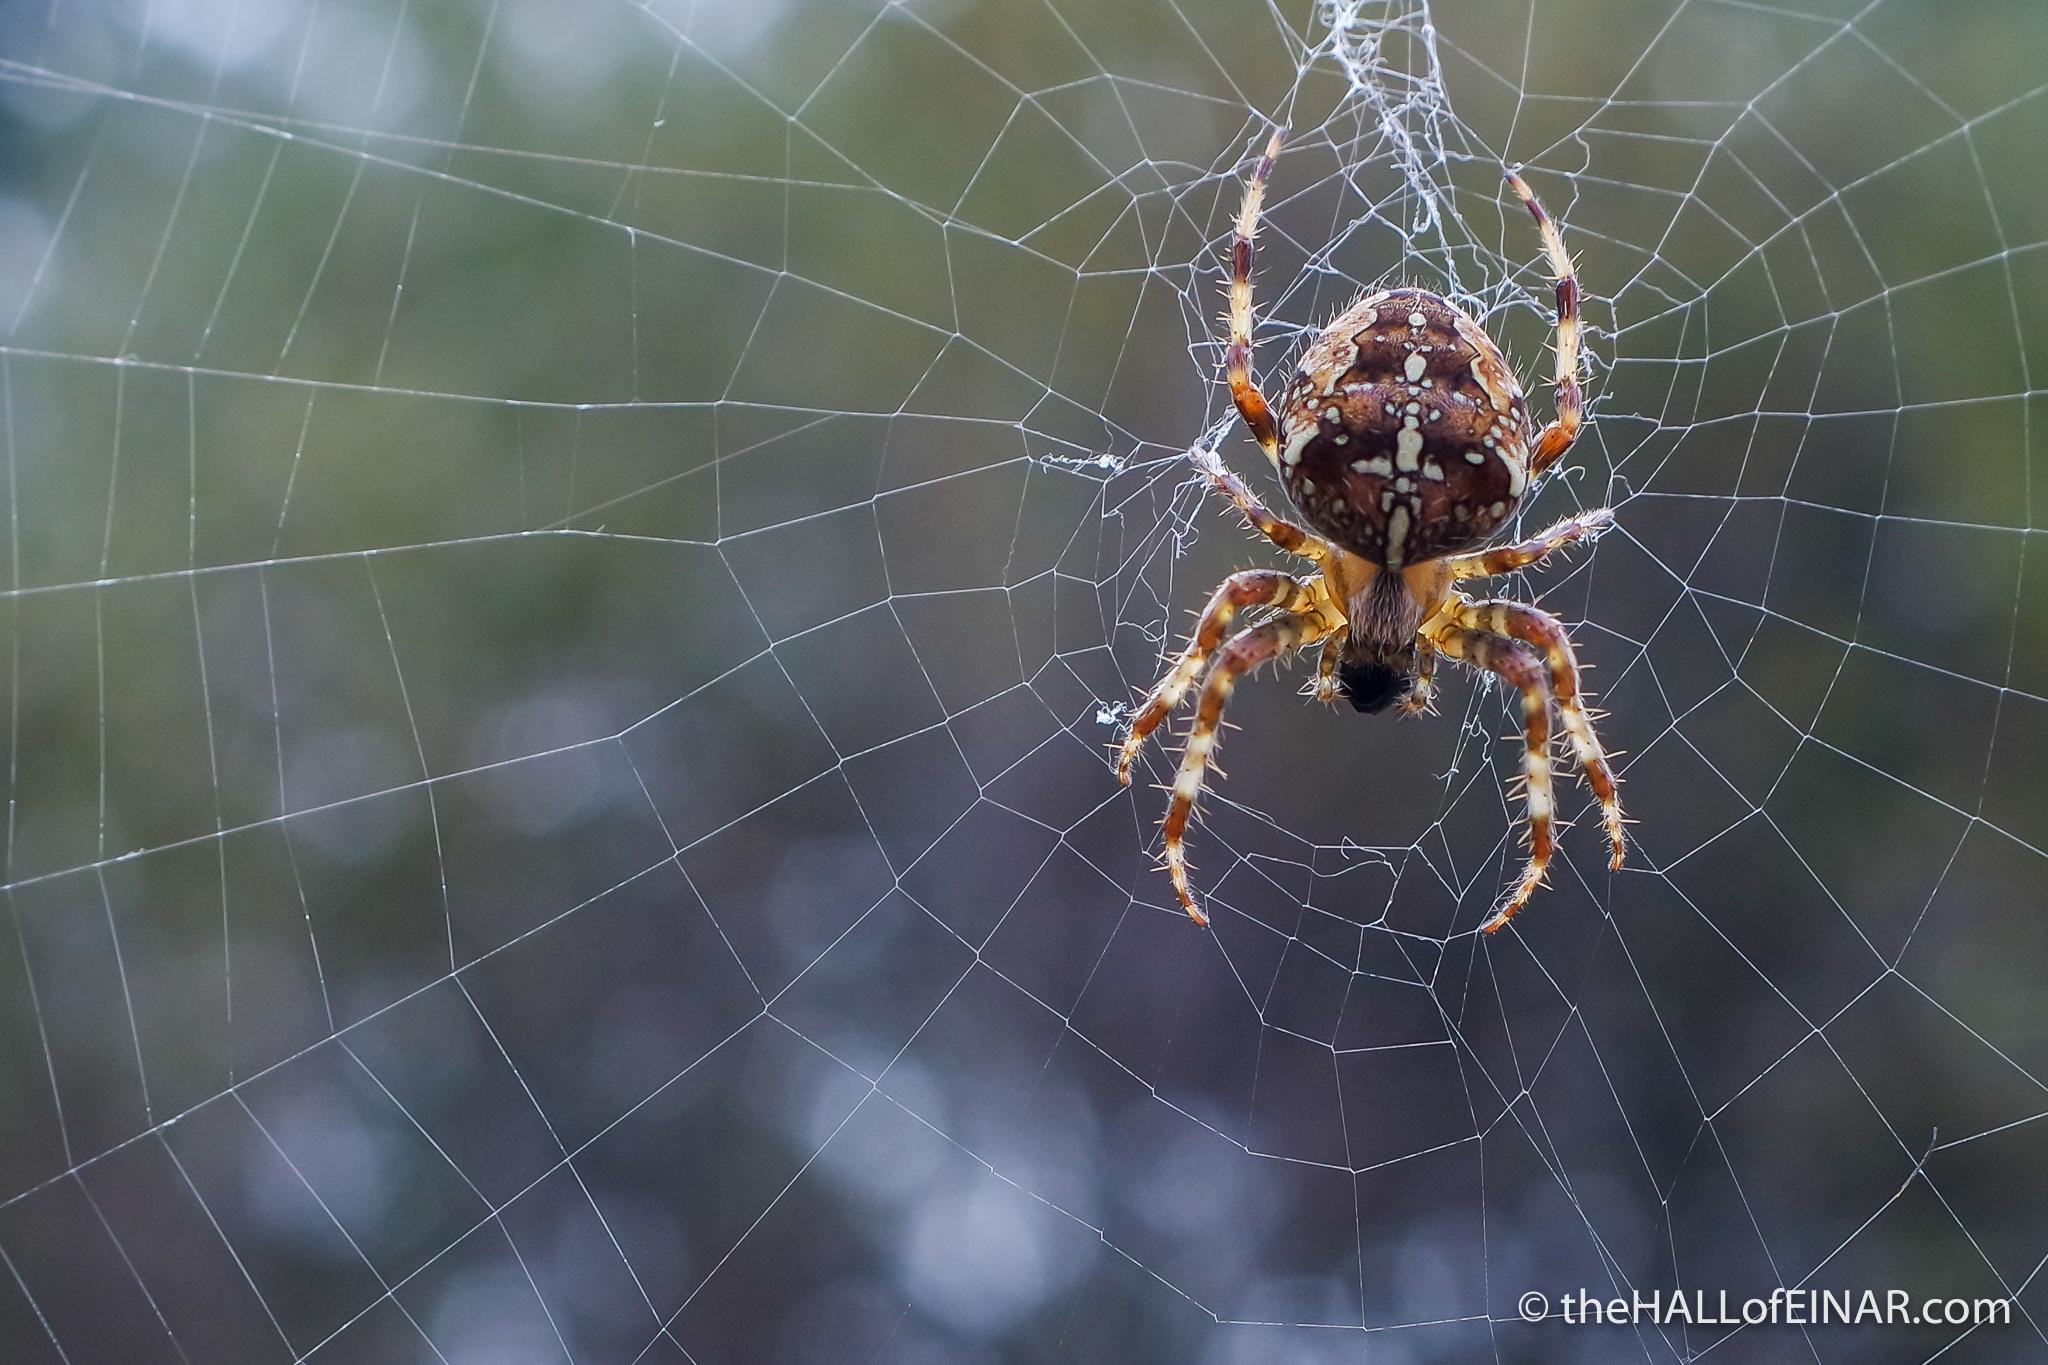 Diadem Spider - Bovey Heath - The Hall of Einar - photograph (c) David Bailey (not the)